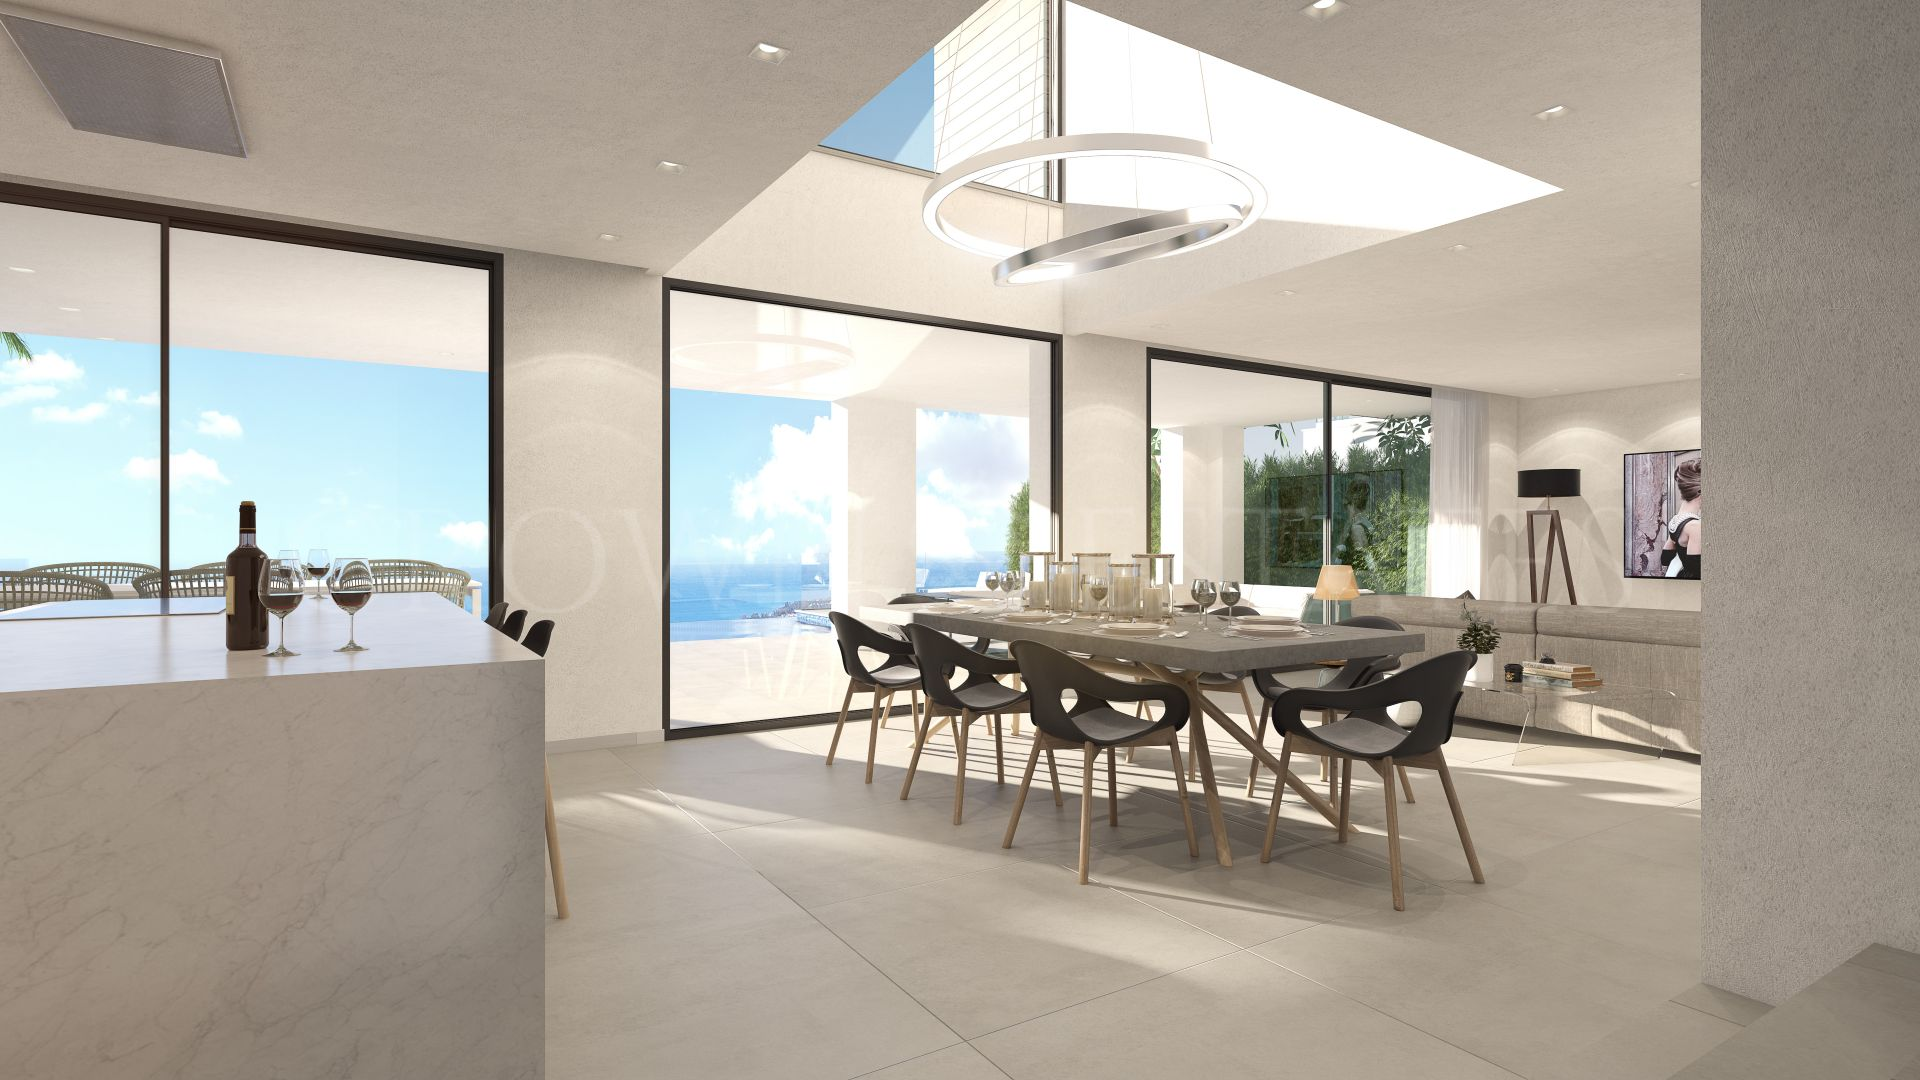 La Cala Views, luxury villas with seaviews in La Cala de Mijas